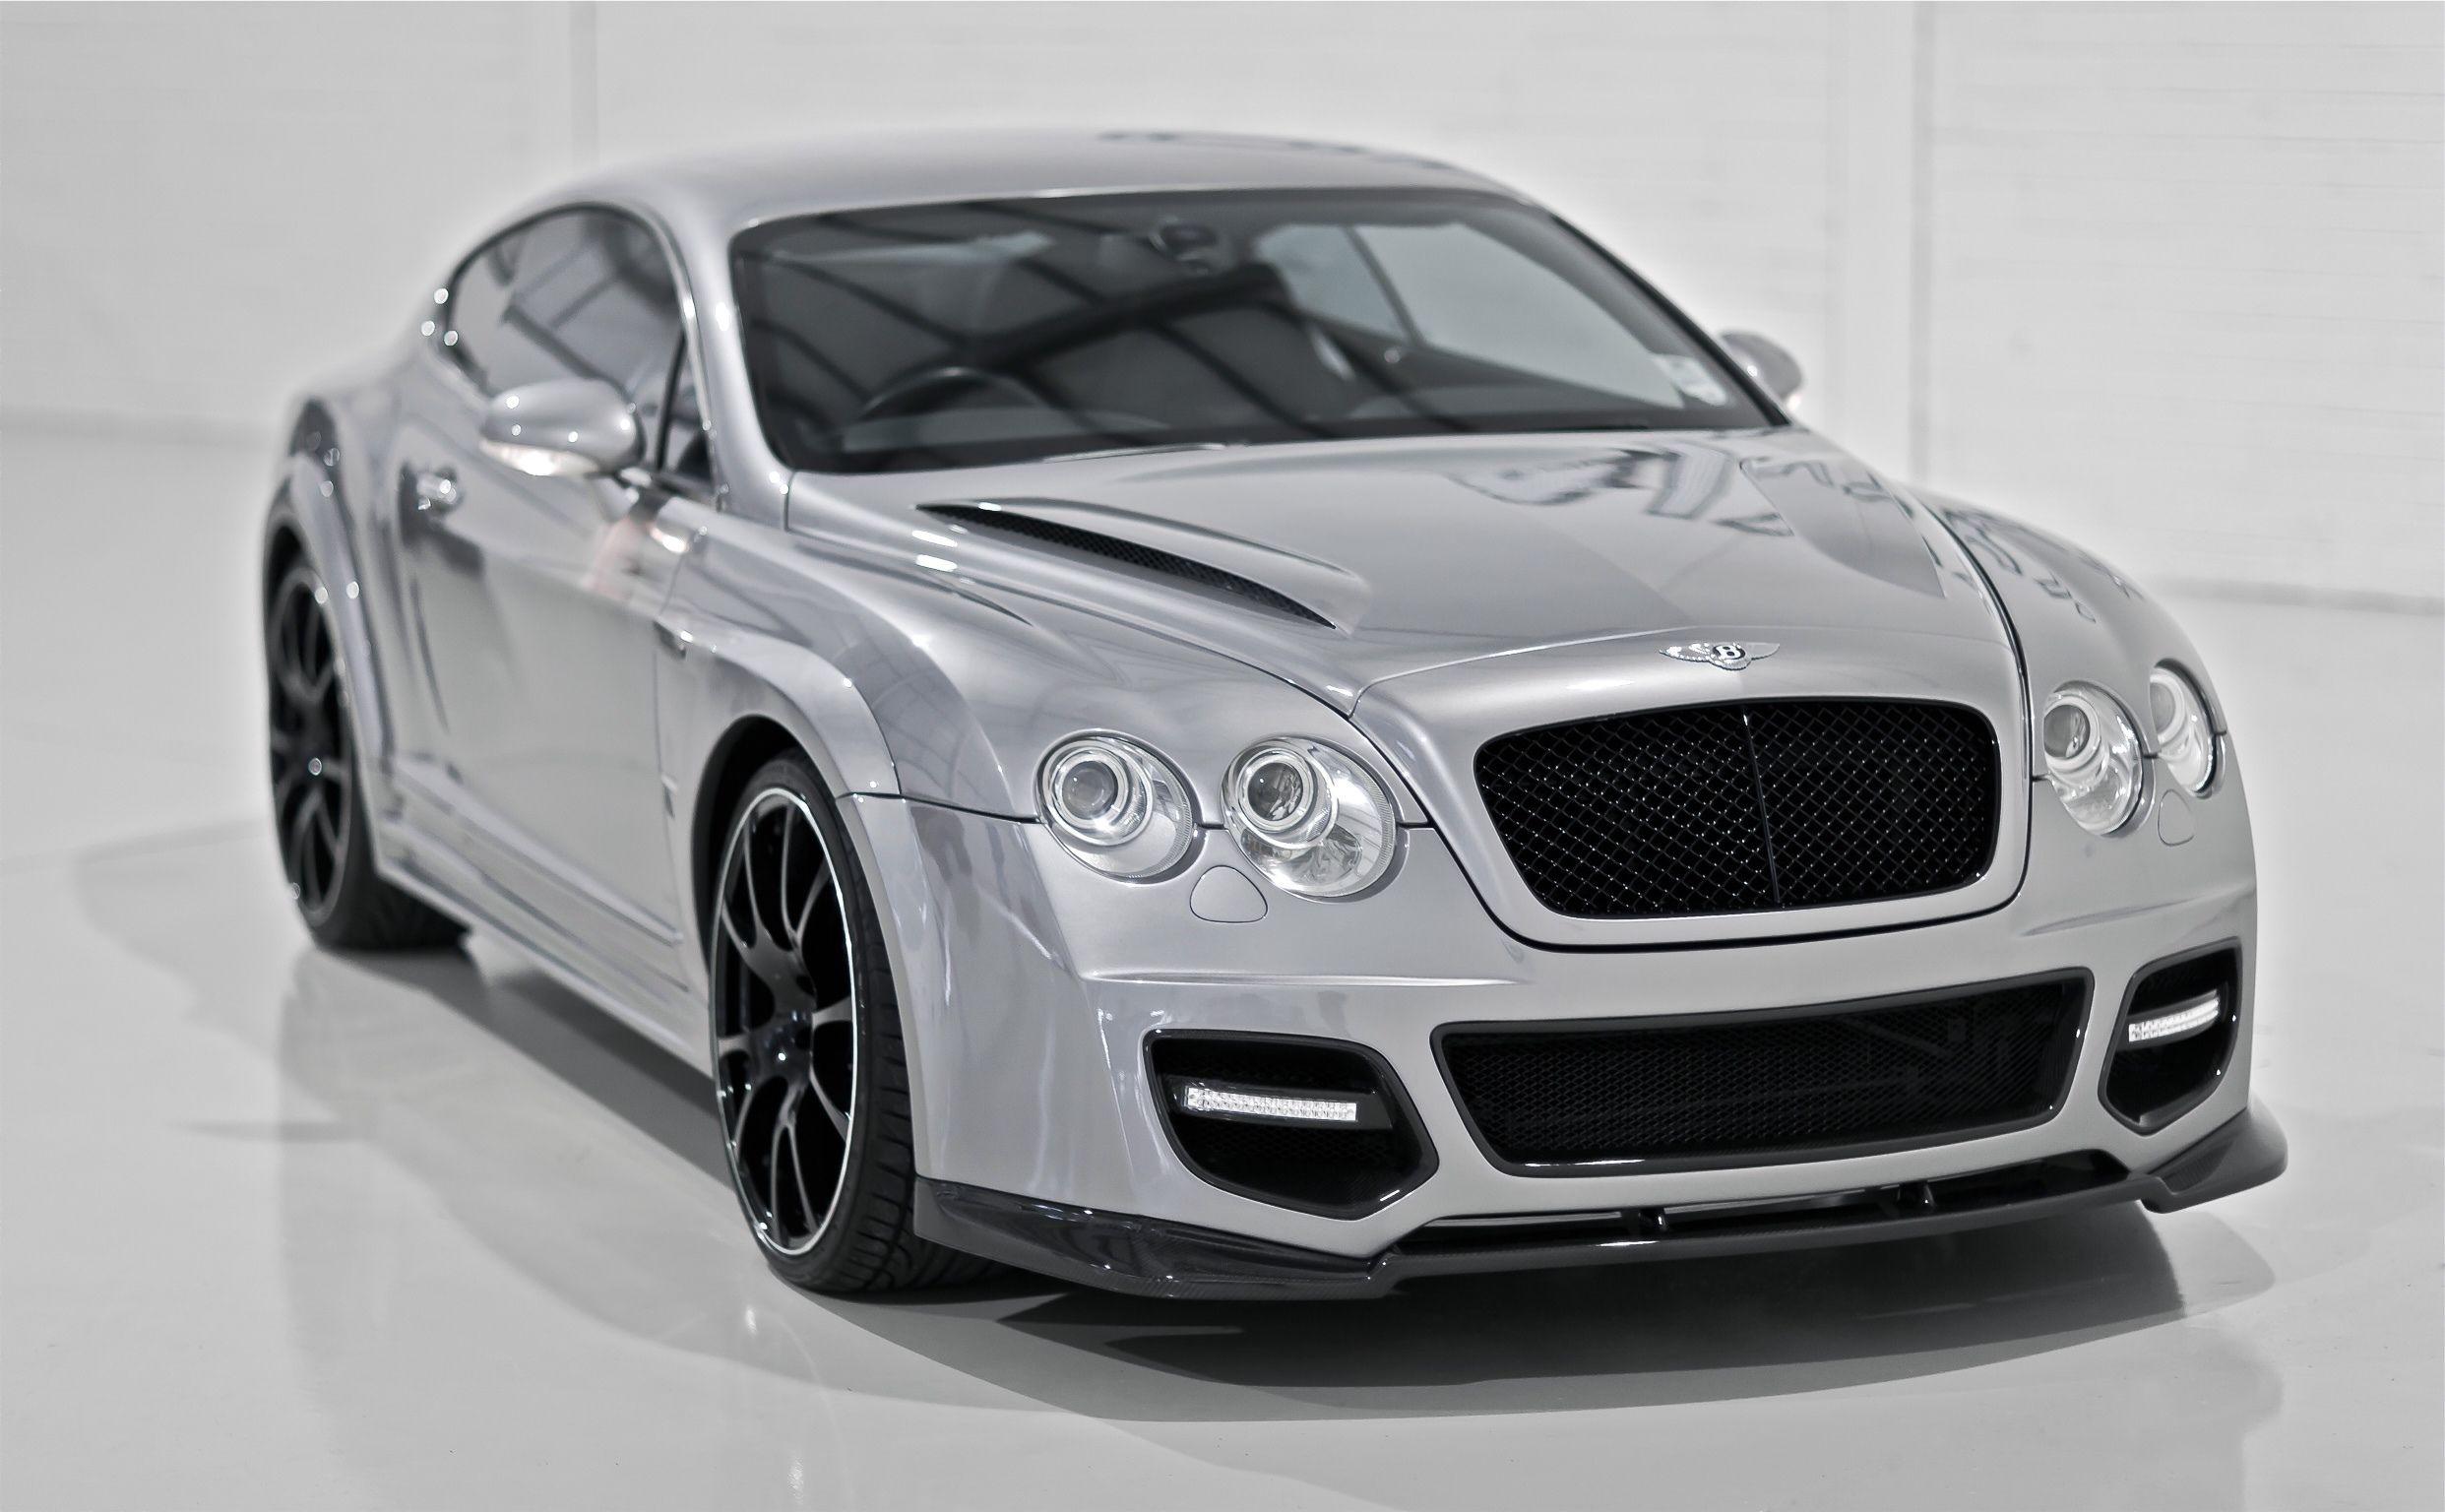 2013 Bentley Continental GT, ONYX CONCEPT GTO Dublin Ireland - JamesEdition